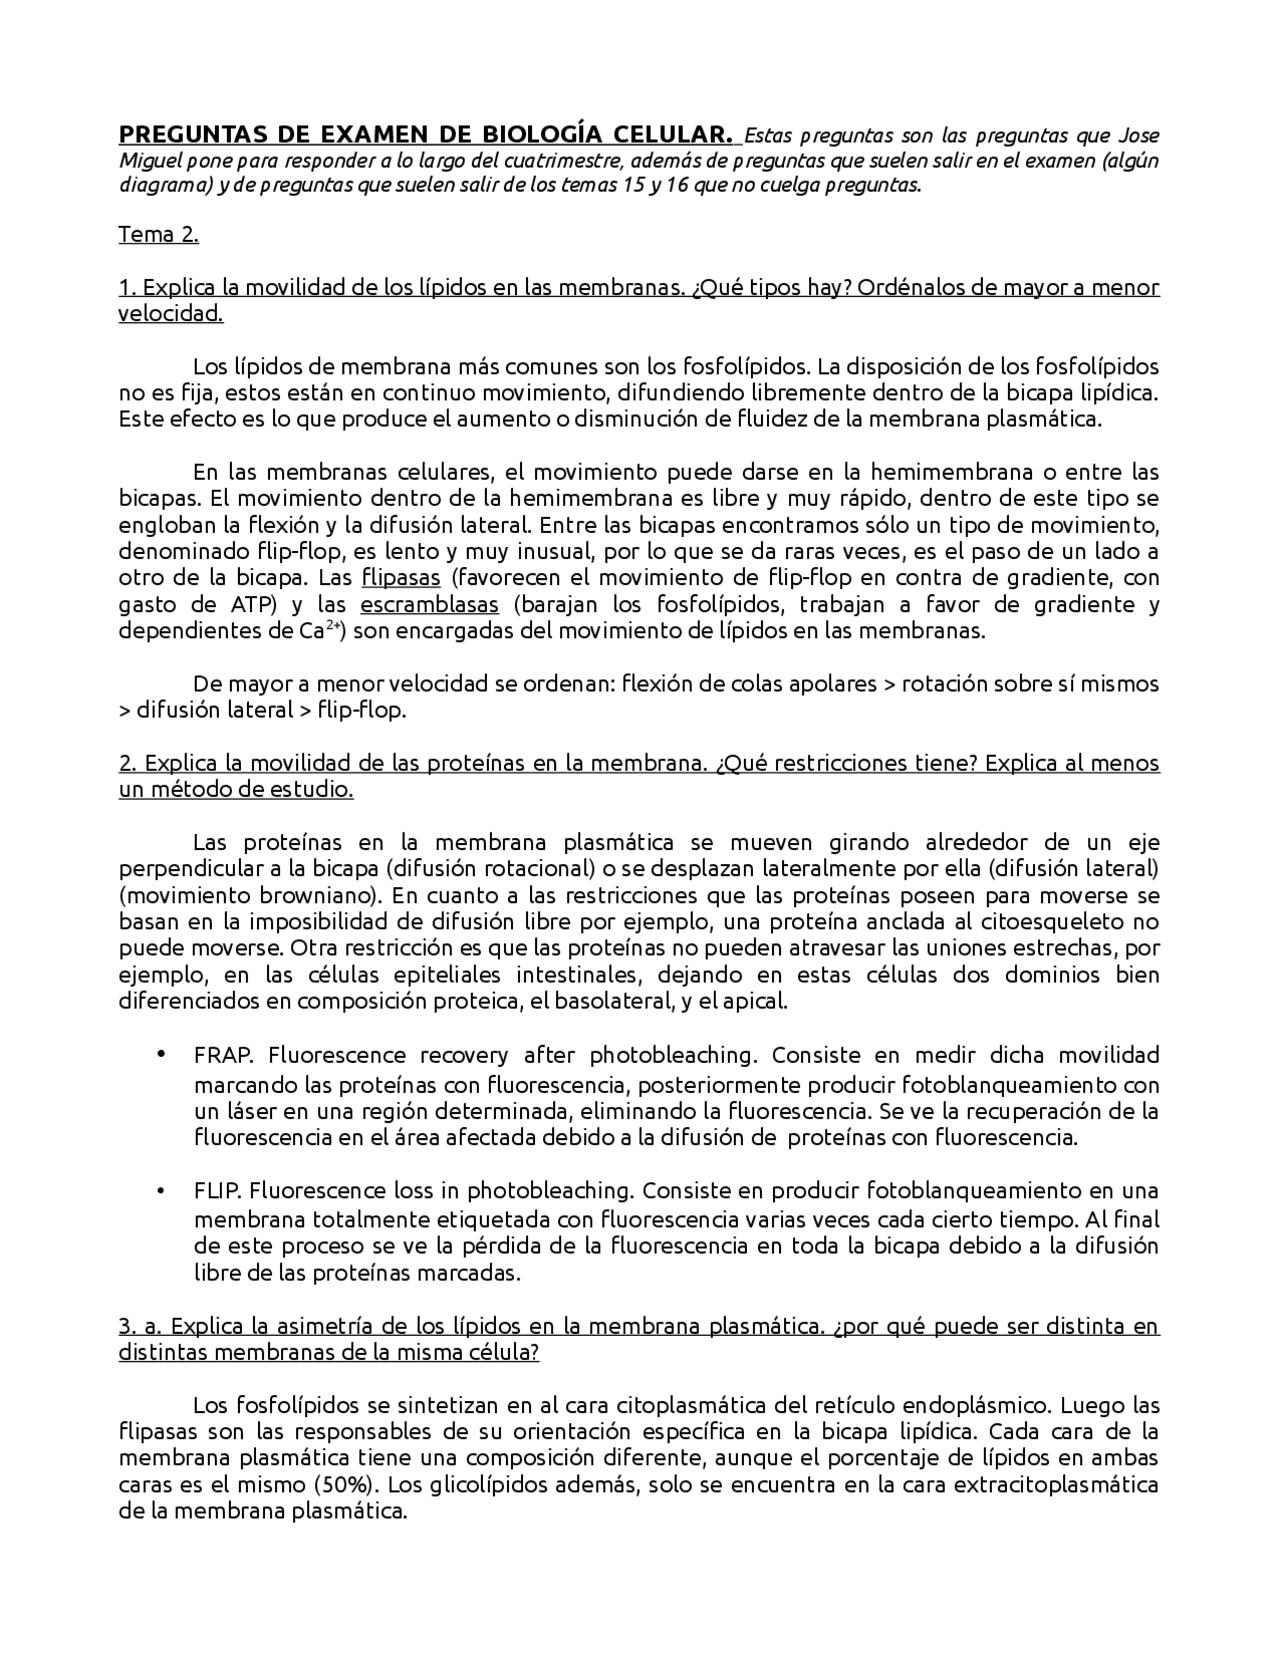 Preguntas De Examen Biologia Celular Jose Miguel Examenes De Biologia Celular Docsity